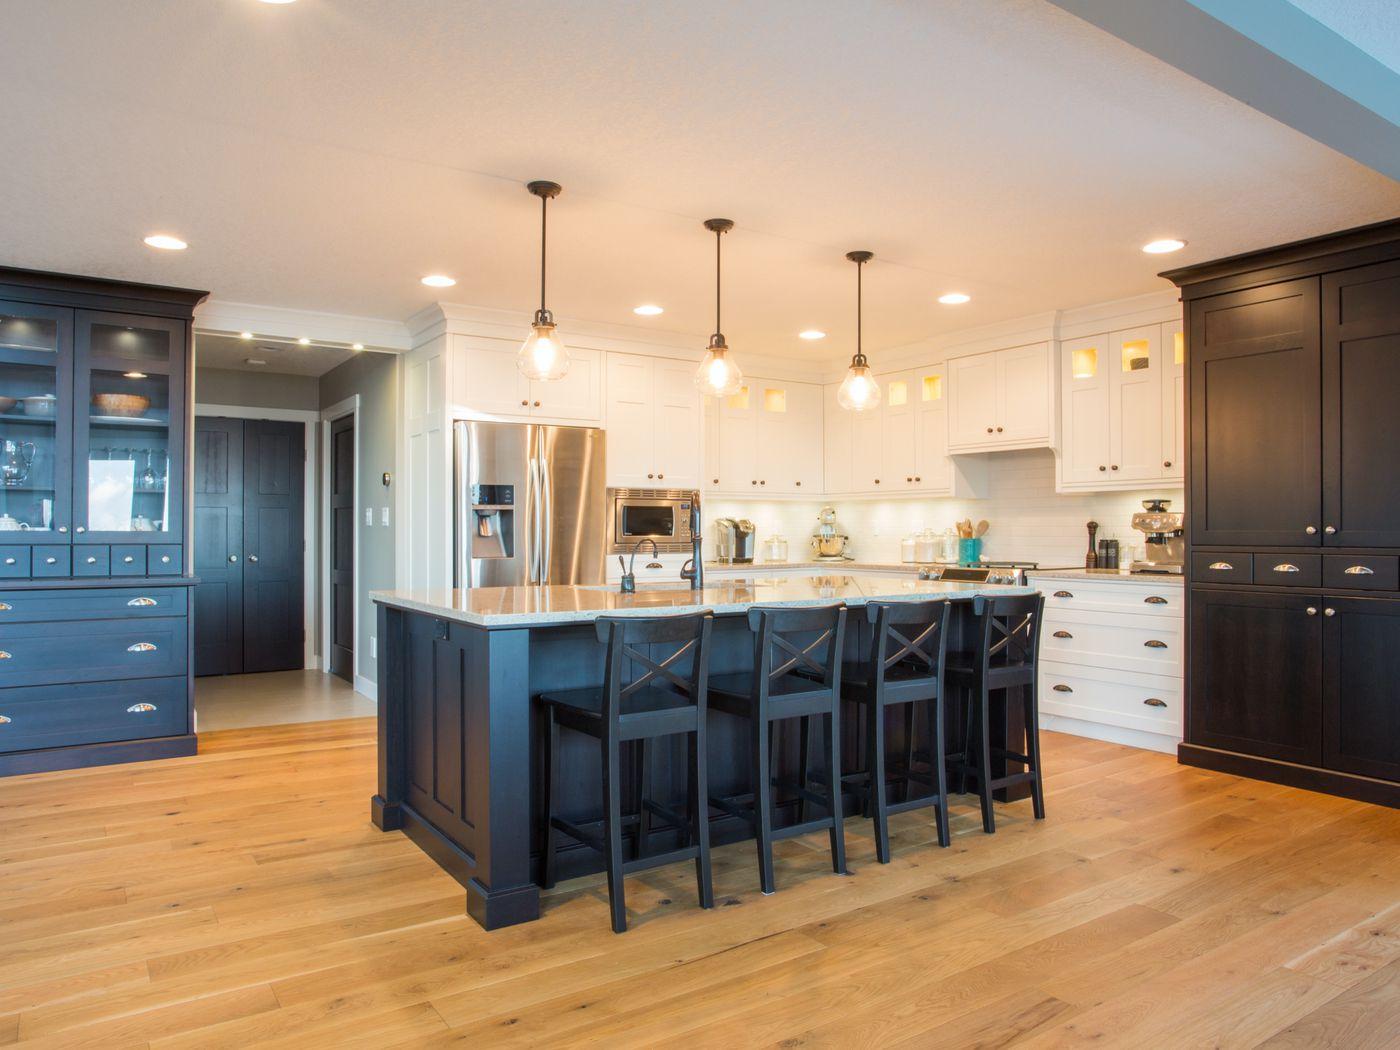 panele podłogowe w kuchni